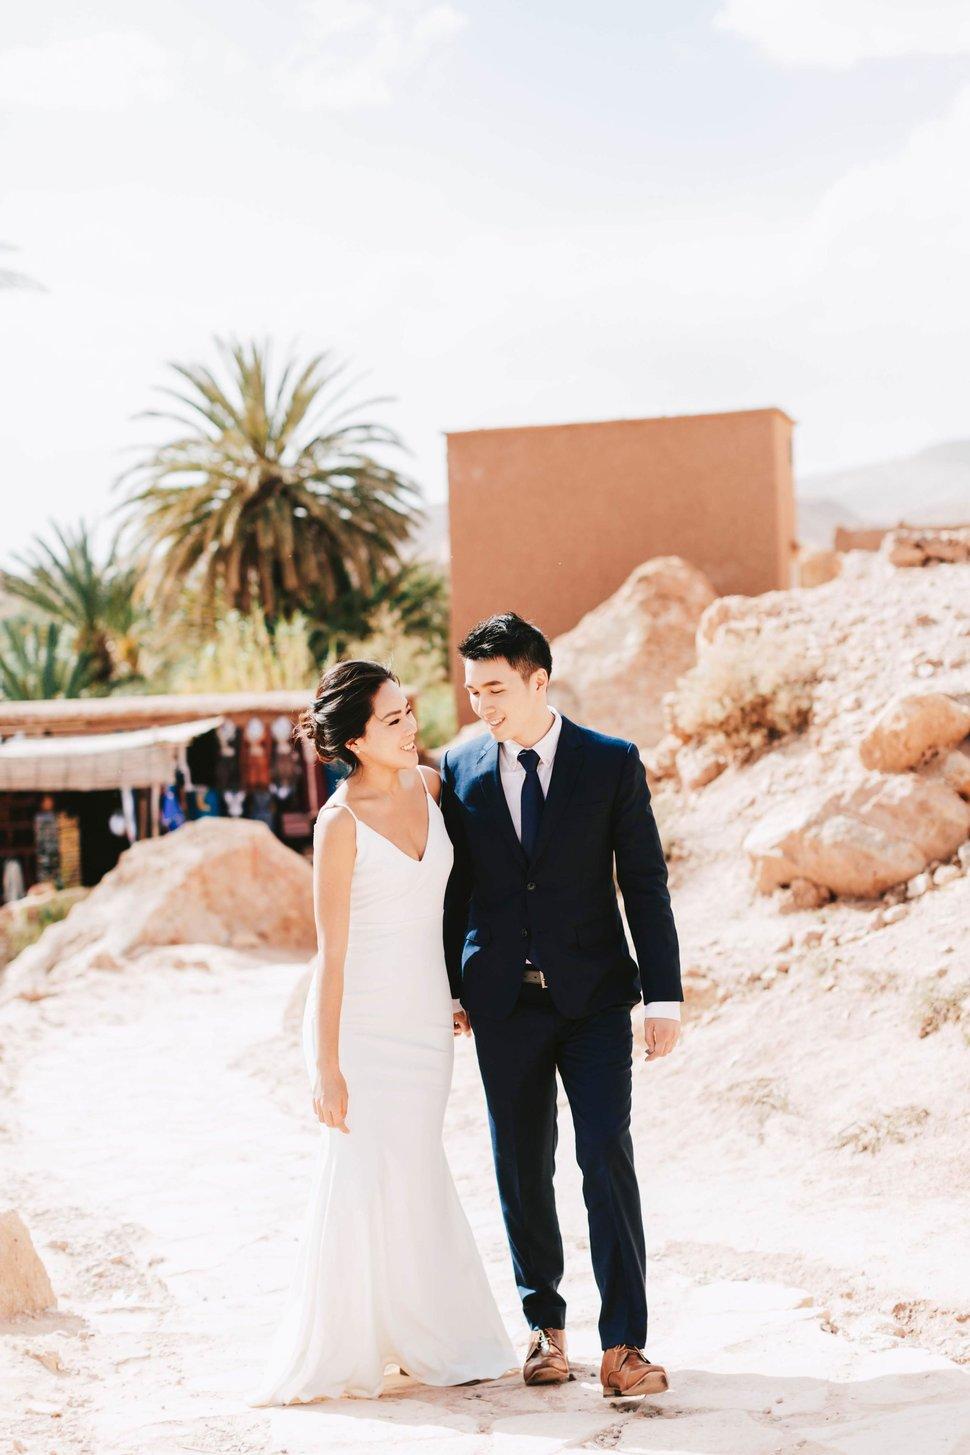 美式婚紗-自助婚紗-海外婚紗-摩洛哥婚紗-Amazing Grace攝影- Amazing Grace Studio-台北婚紗-台中婚紗-美式婚攝20 - Amazing Grace Studio《結婚吧》